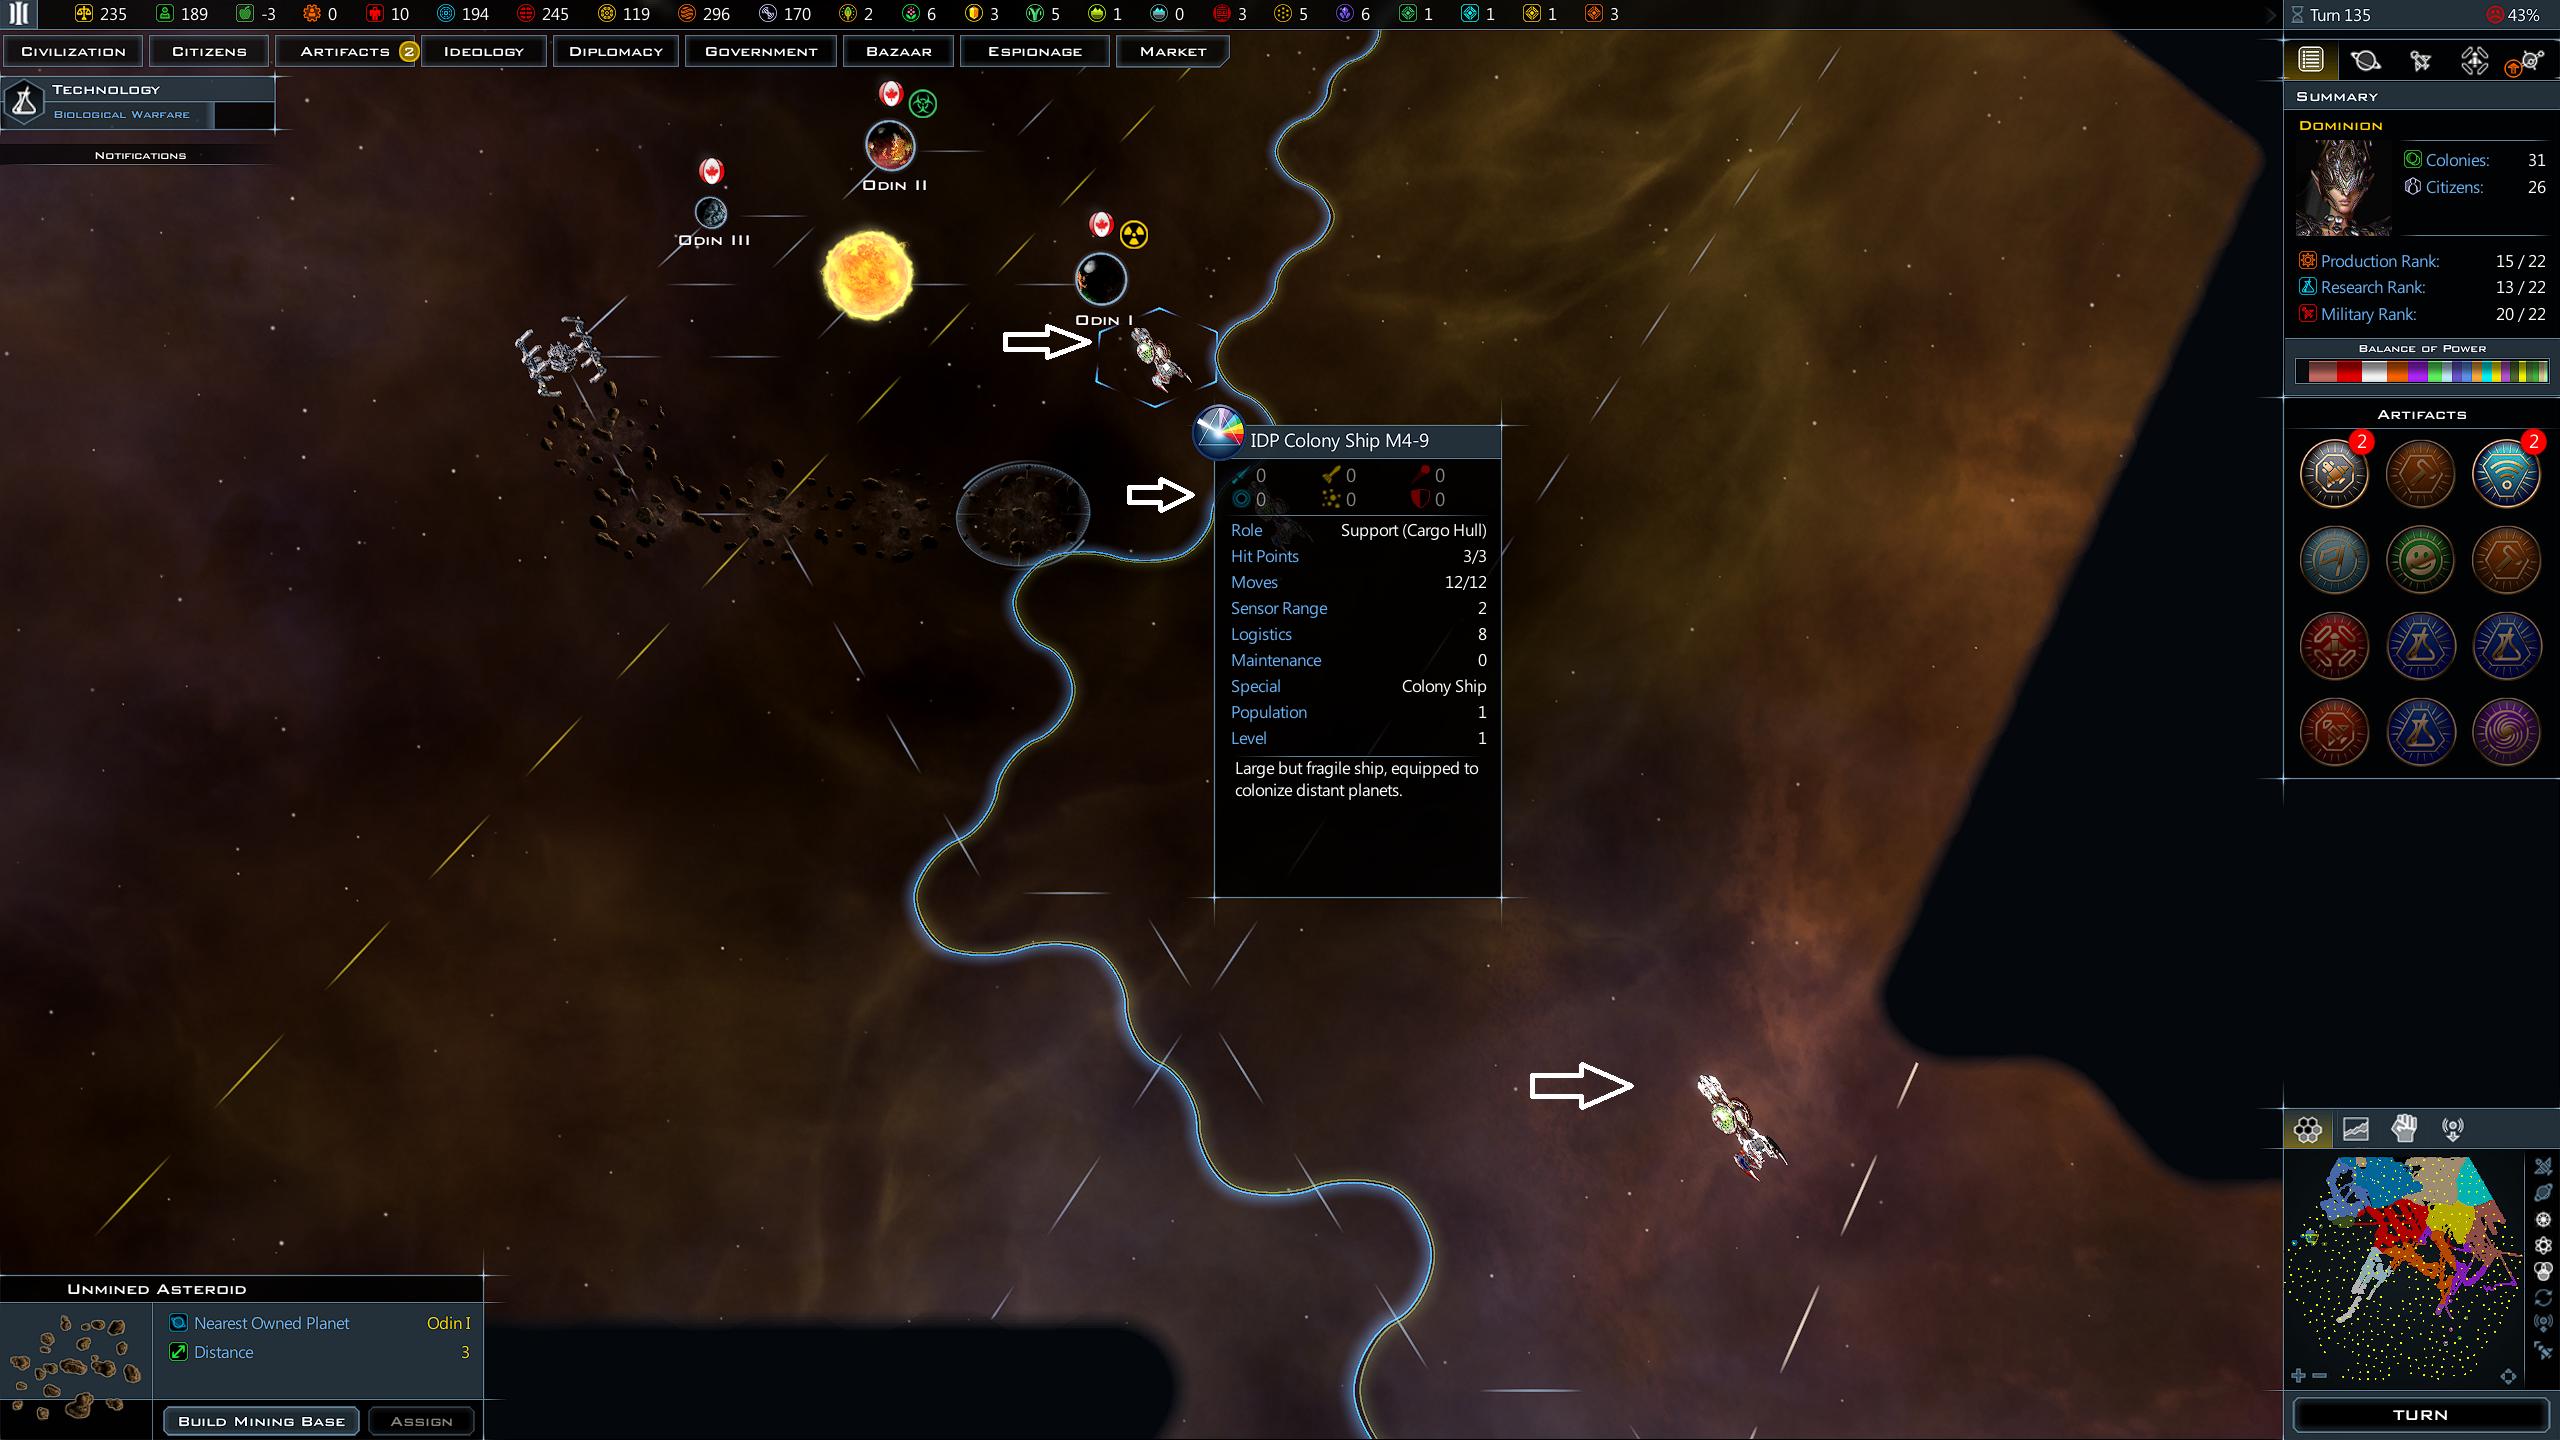 Odin I colony ship